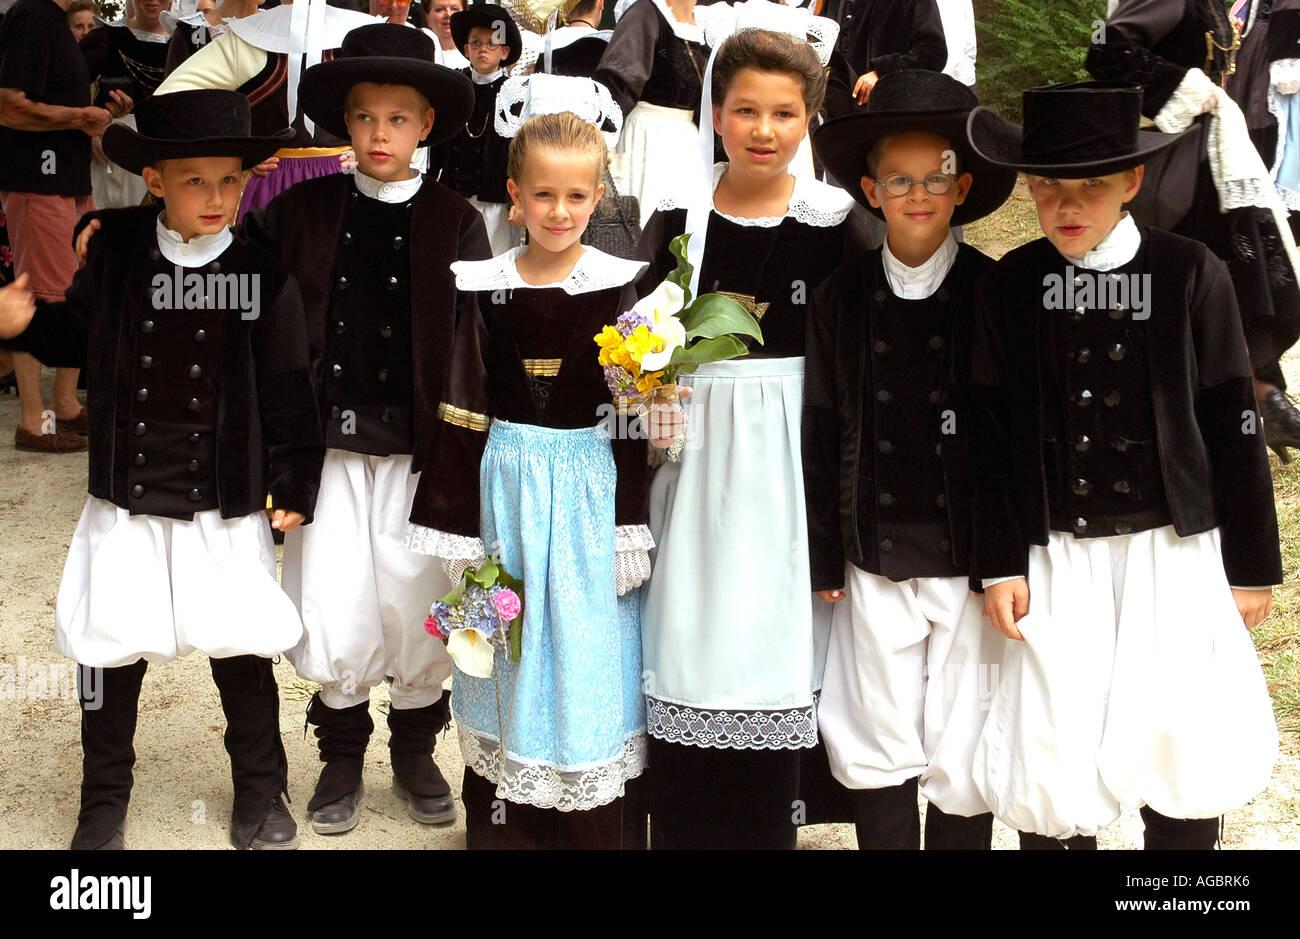 Bambini indossando il tradizionale costume bretone in estate il Festival folcloristico nel villaggio bretone di La Forêt-Fouesnant Immagini Stock